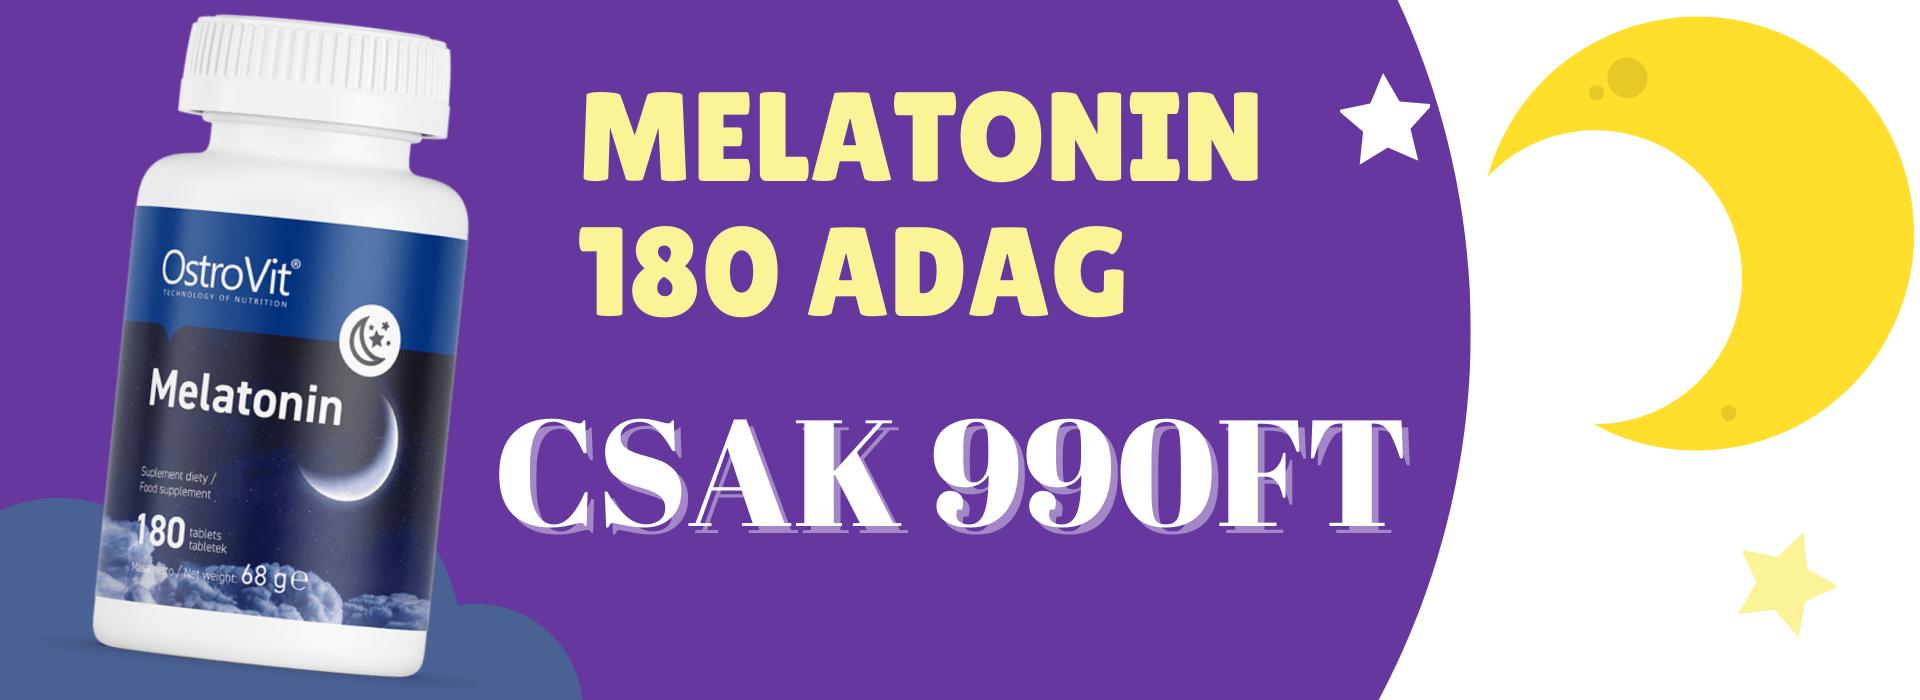 Melatonin akció